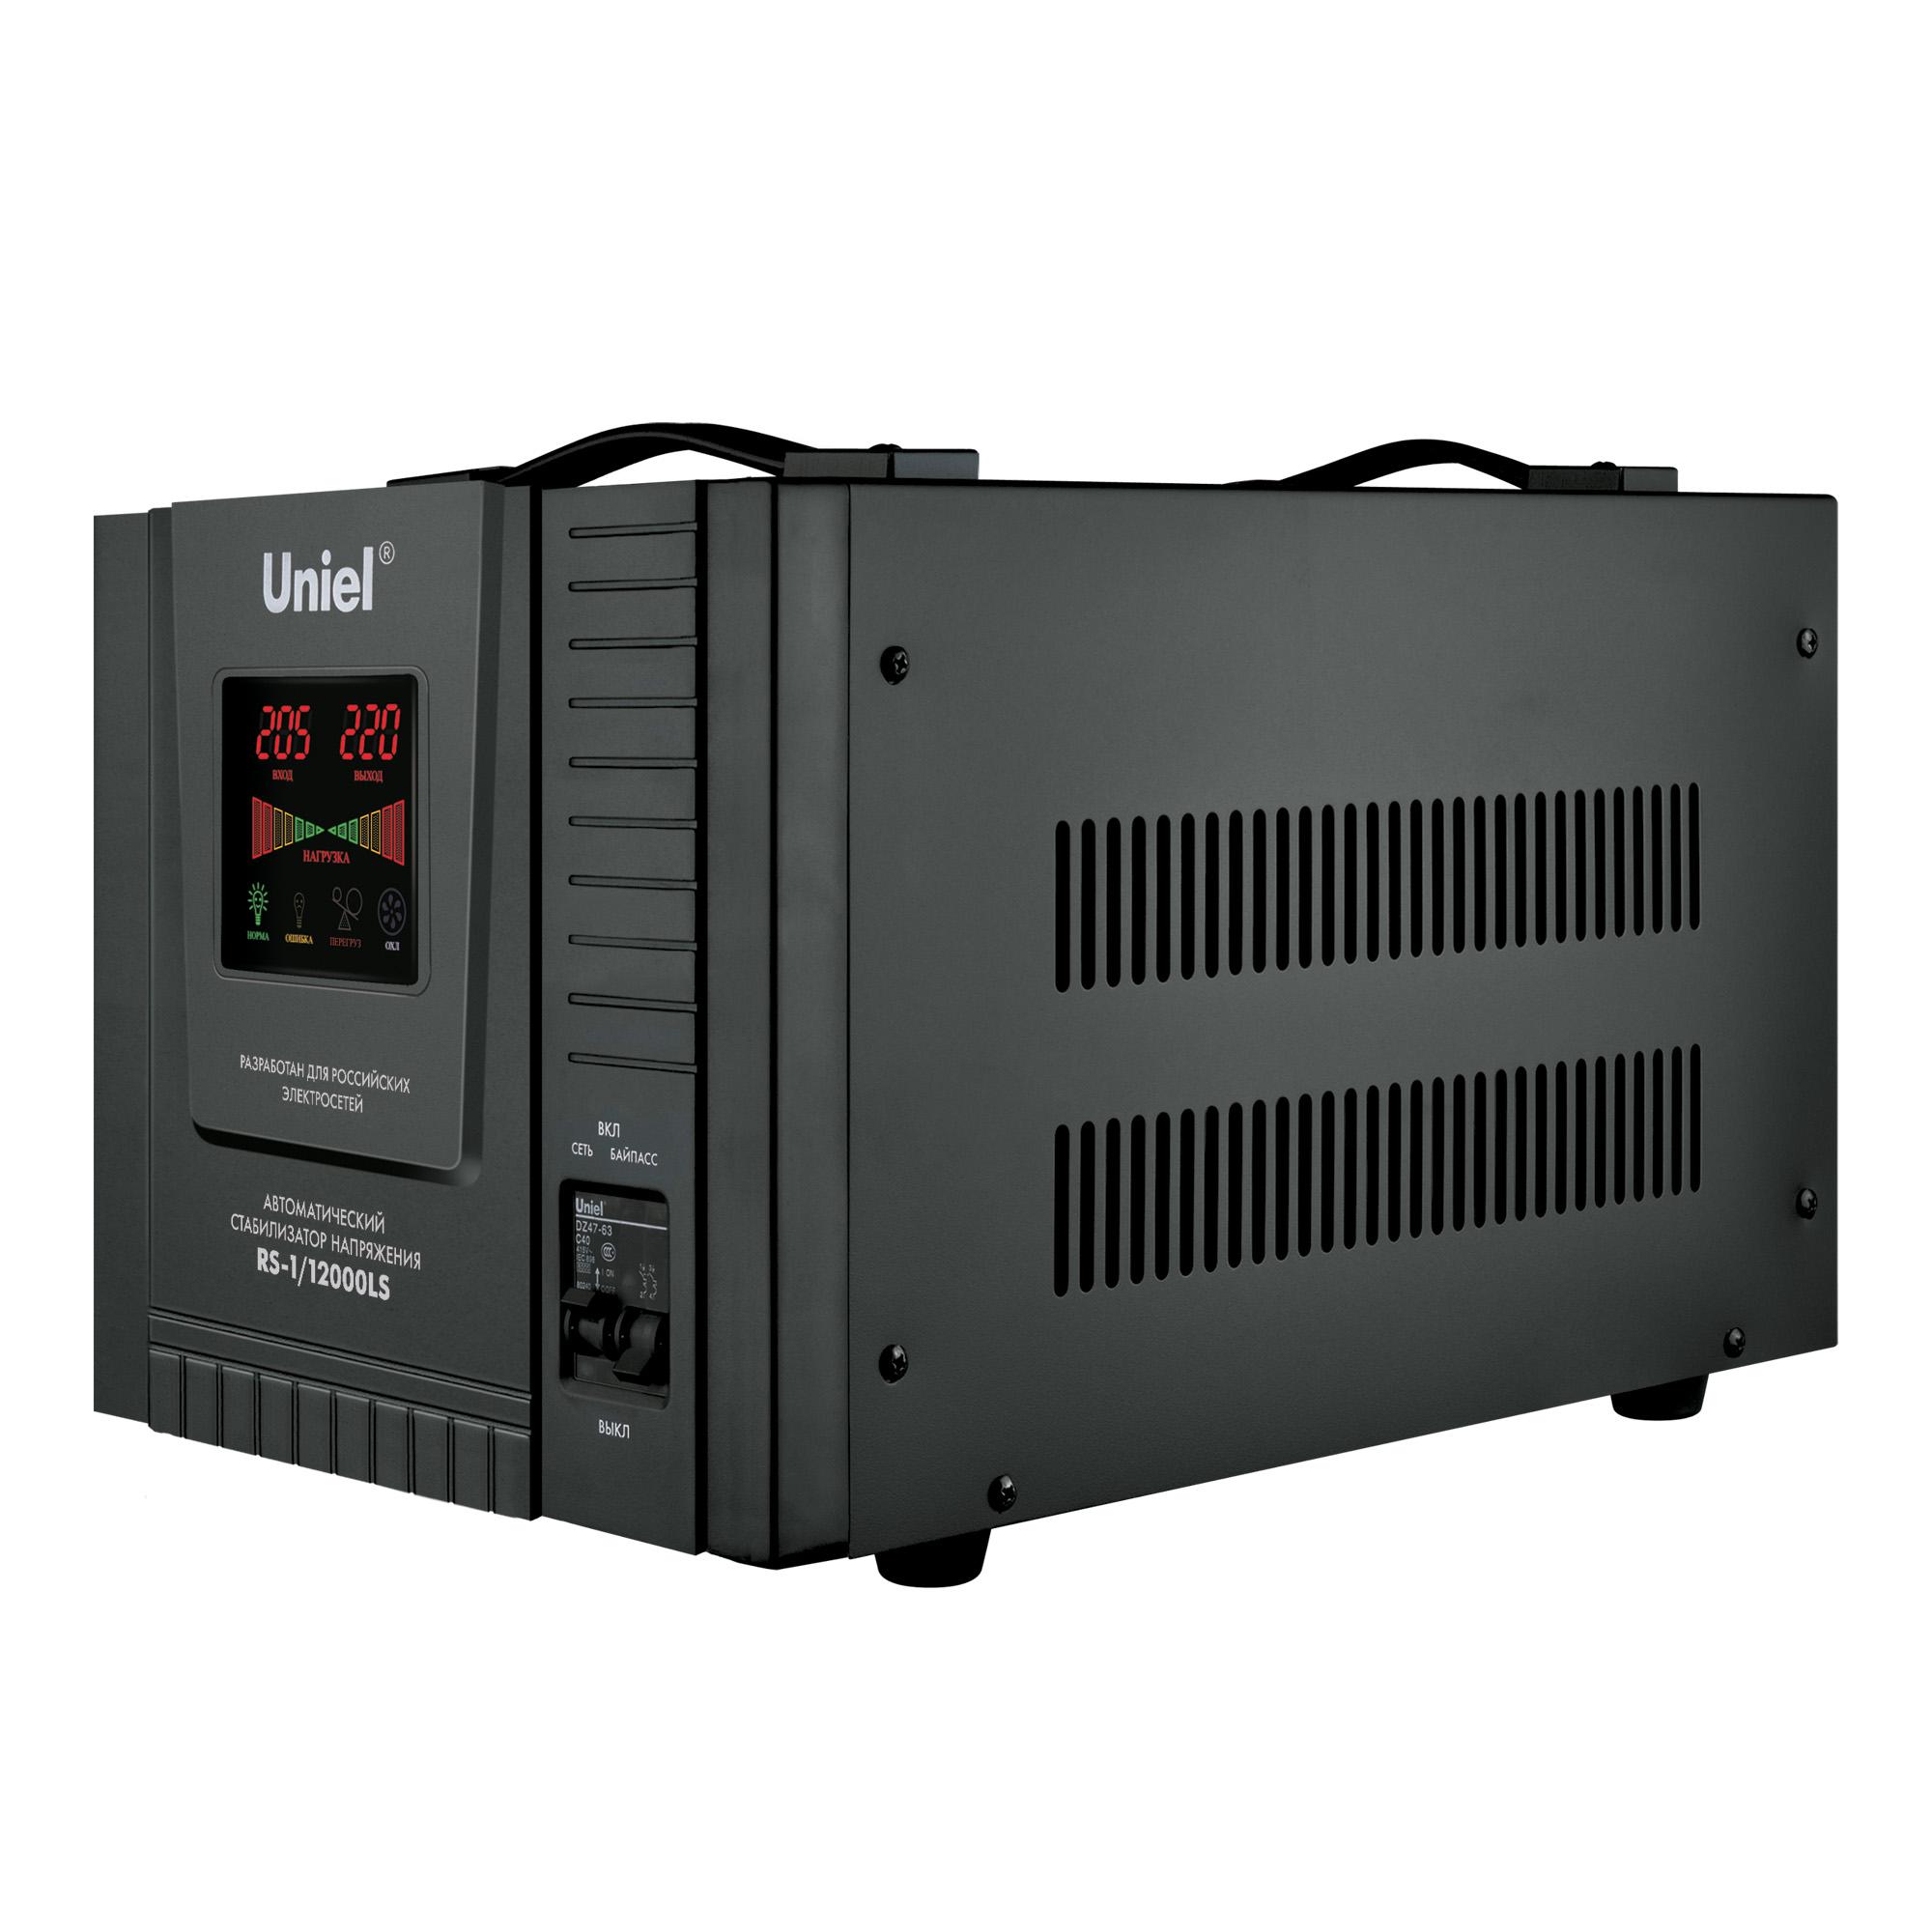 Стабилизатор напряжения Uniel Rs-1/12000ls